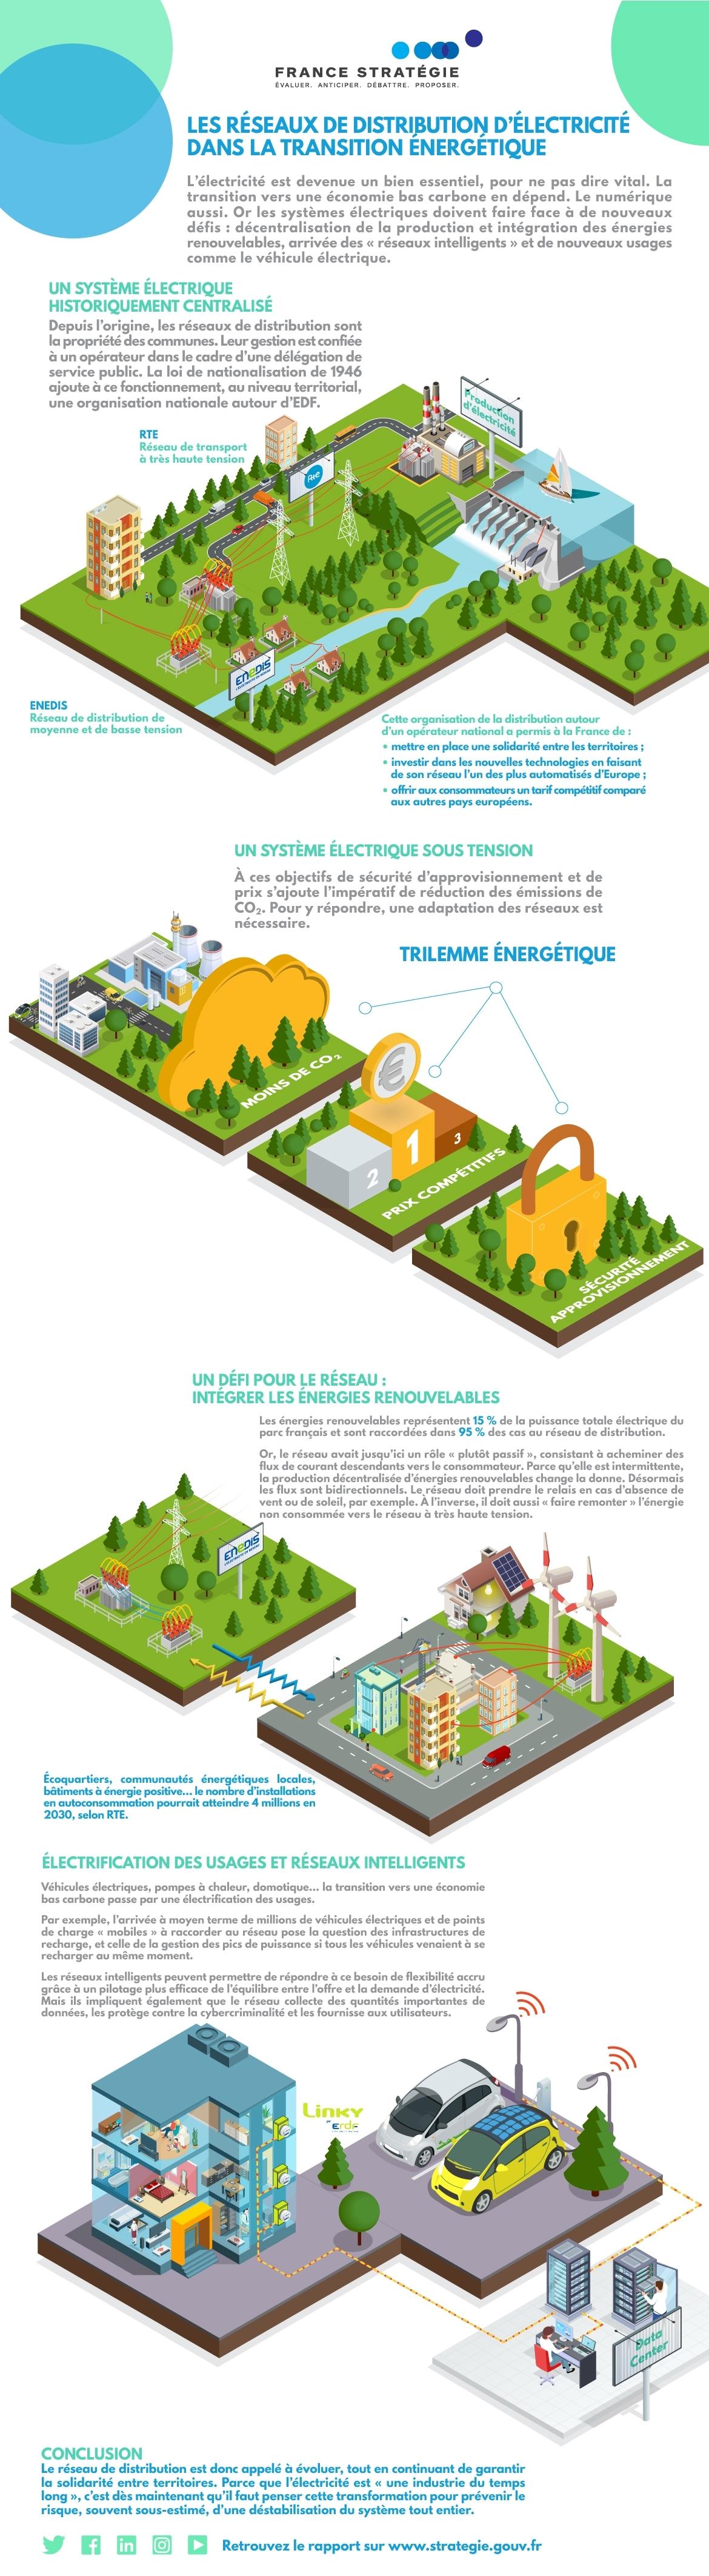 Infographie - Les réseaux de distribution d'électricité dans la transition énergétique